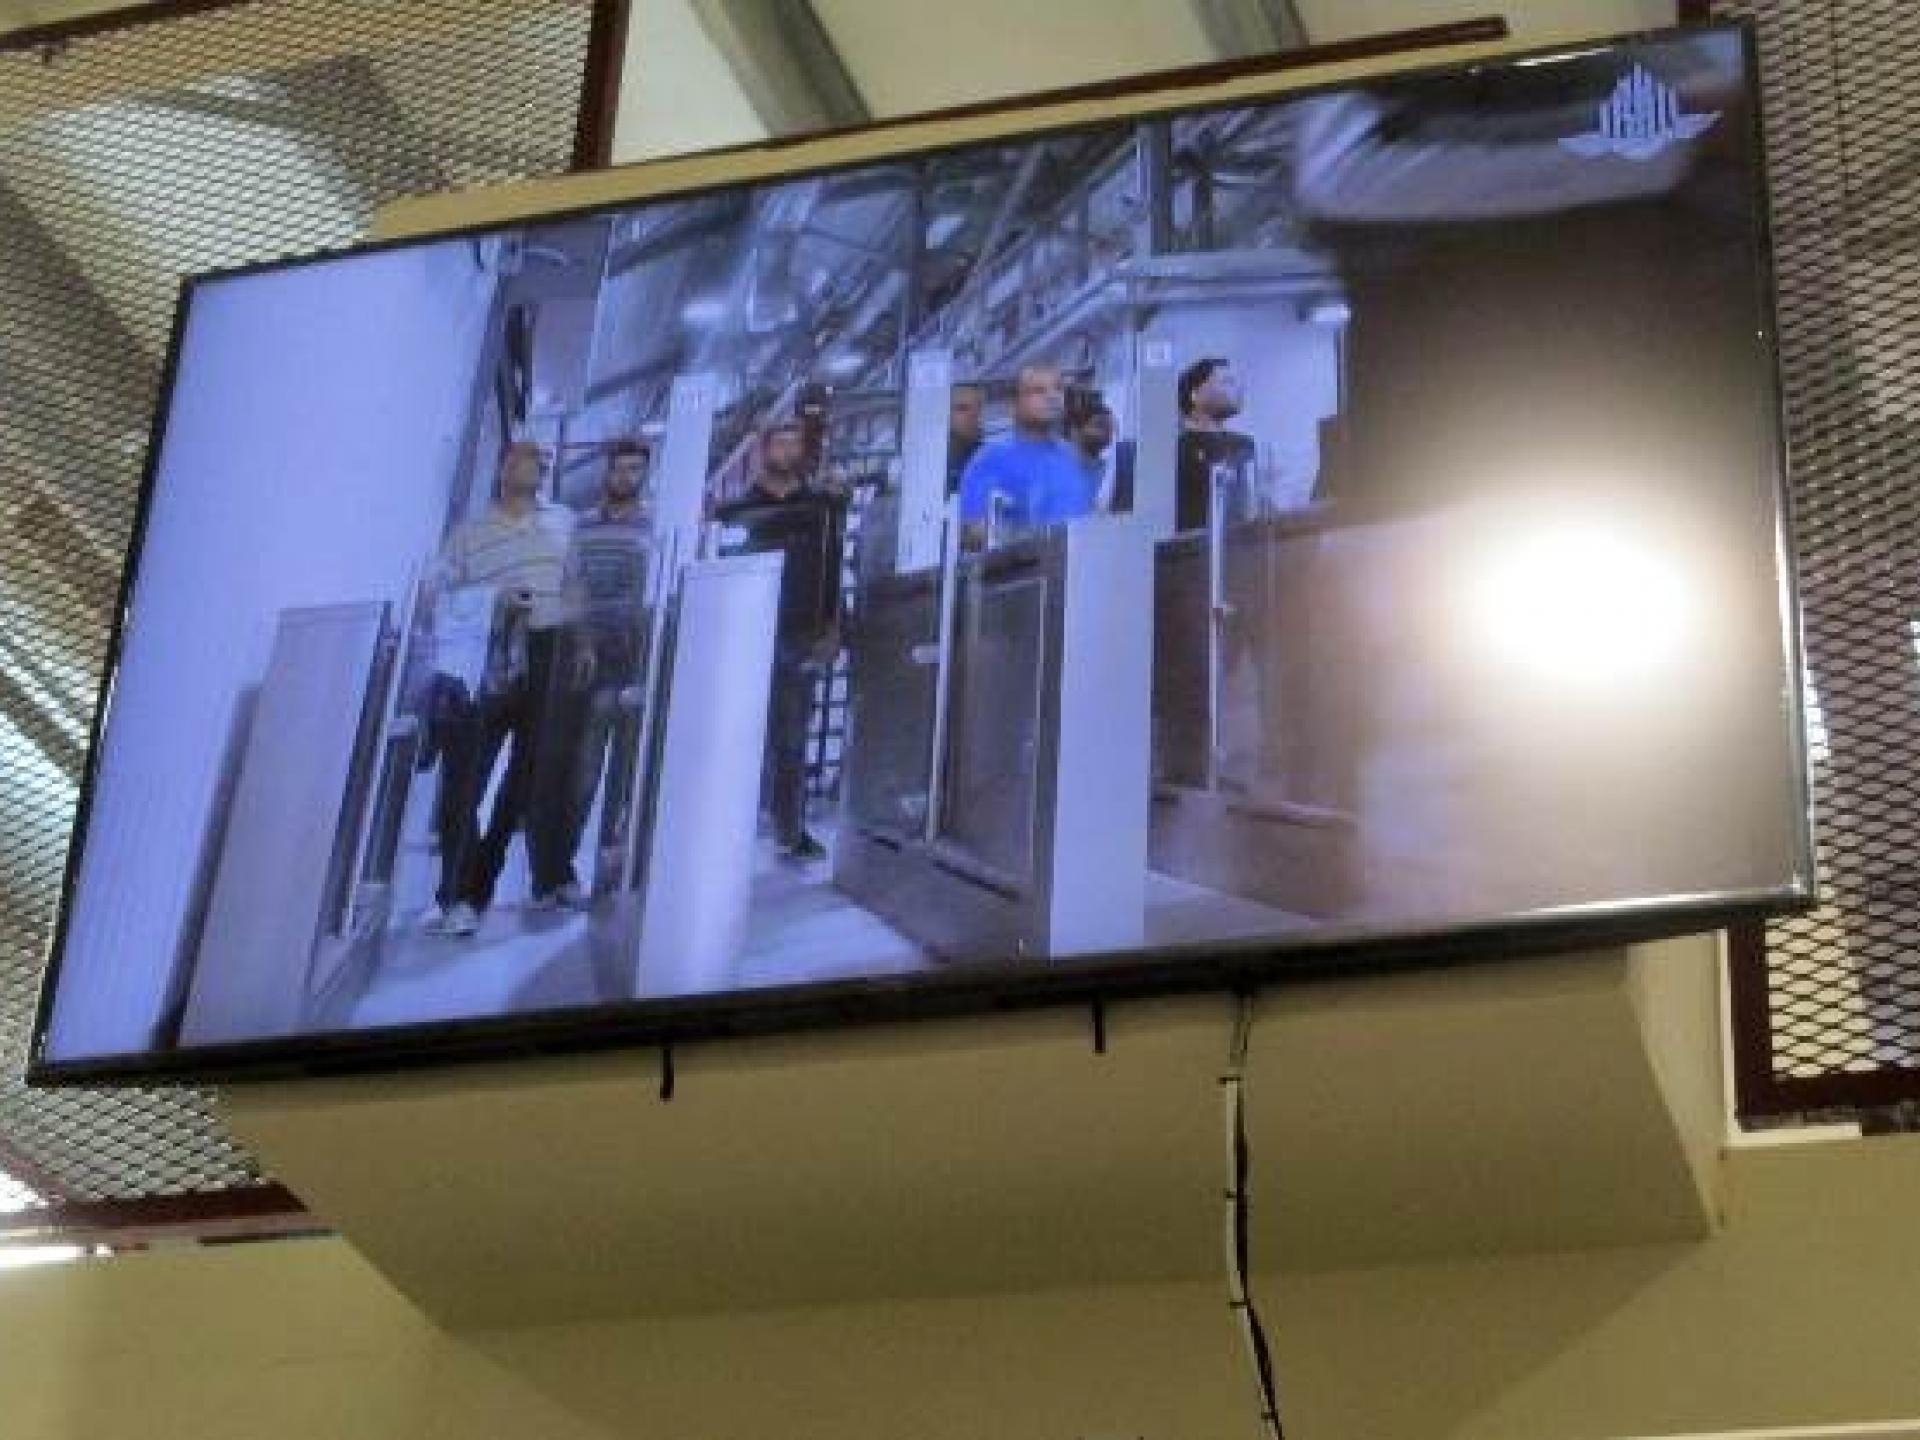 מסך ענק מקרין את הנעשה באולם, במחסום המשודרג.